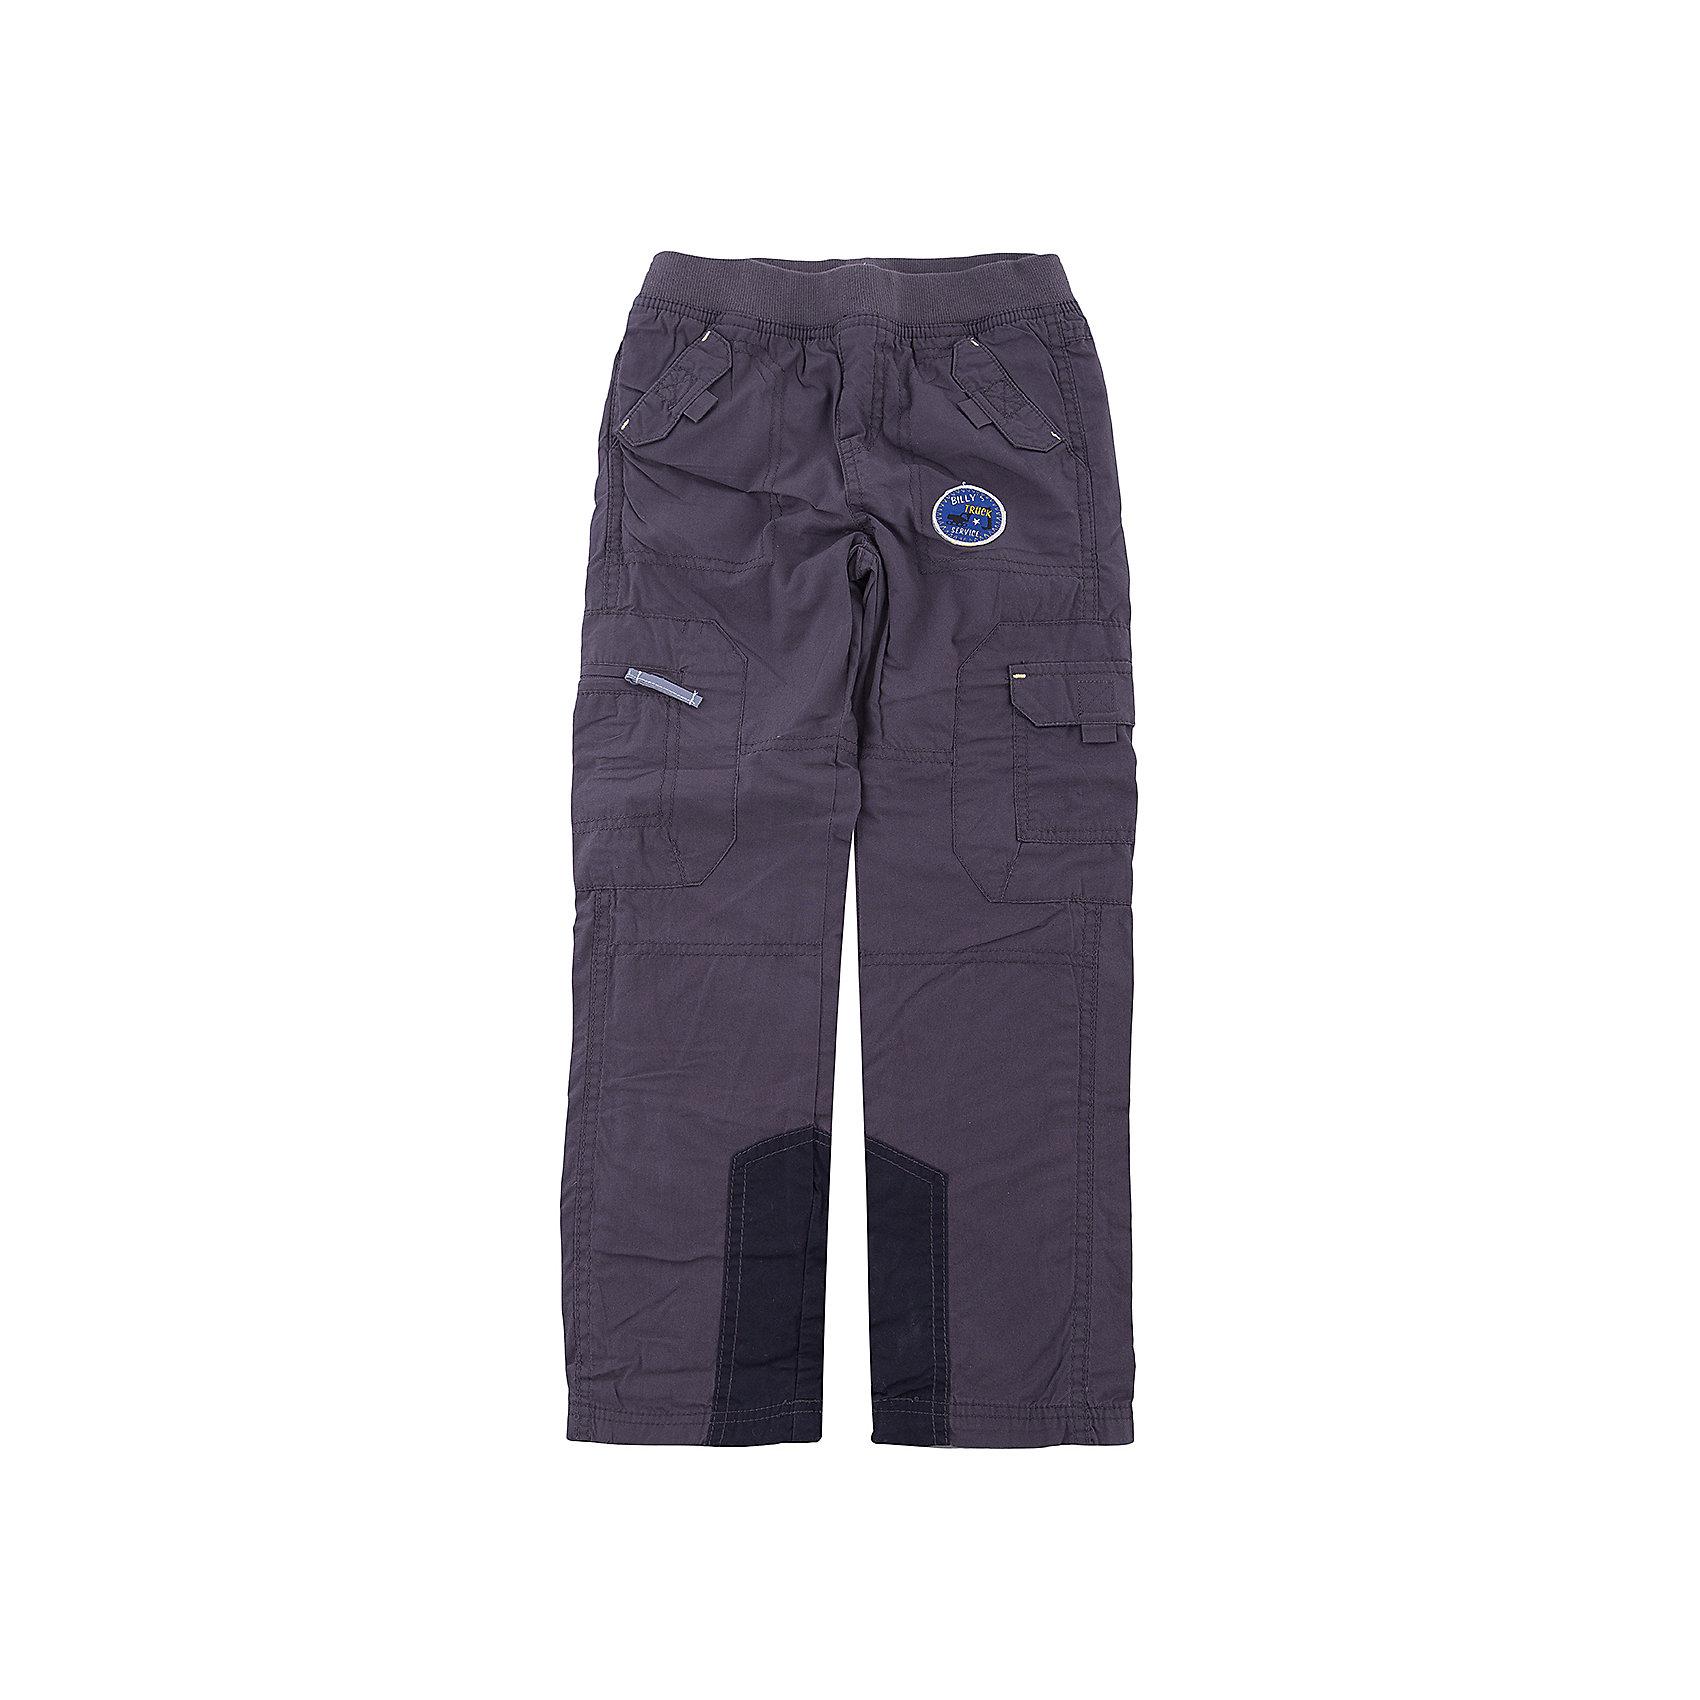 Брюки для мальчика blue sevenДжинсы и брючки<br>Брюки для мальчика от популярного немецкого бренда blue seven.<br>Состав:<br>100%Хлопок<br><br>Ширина мм: 215<br>Глубина мм: 88<br>Высота мм: 191<br>Вес г: 336<br>Цвет: коричневый<br>Возраст от месяцев: 18<br>Возраст до месяцев: 24<br>Пол: Мужской<br>Возраст: Детский<br>Размер: 92,104,110,98,128,122,116<br>SKU: 3341322